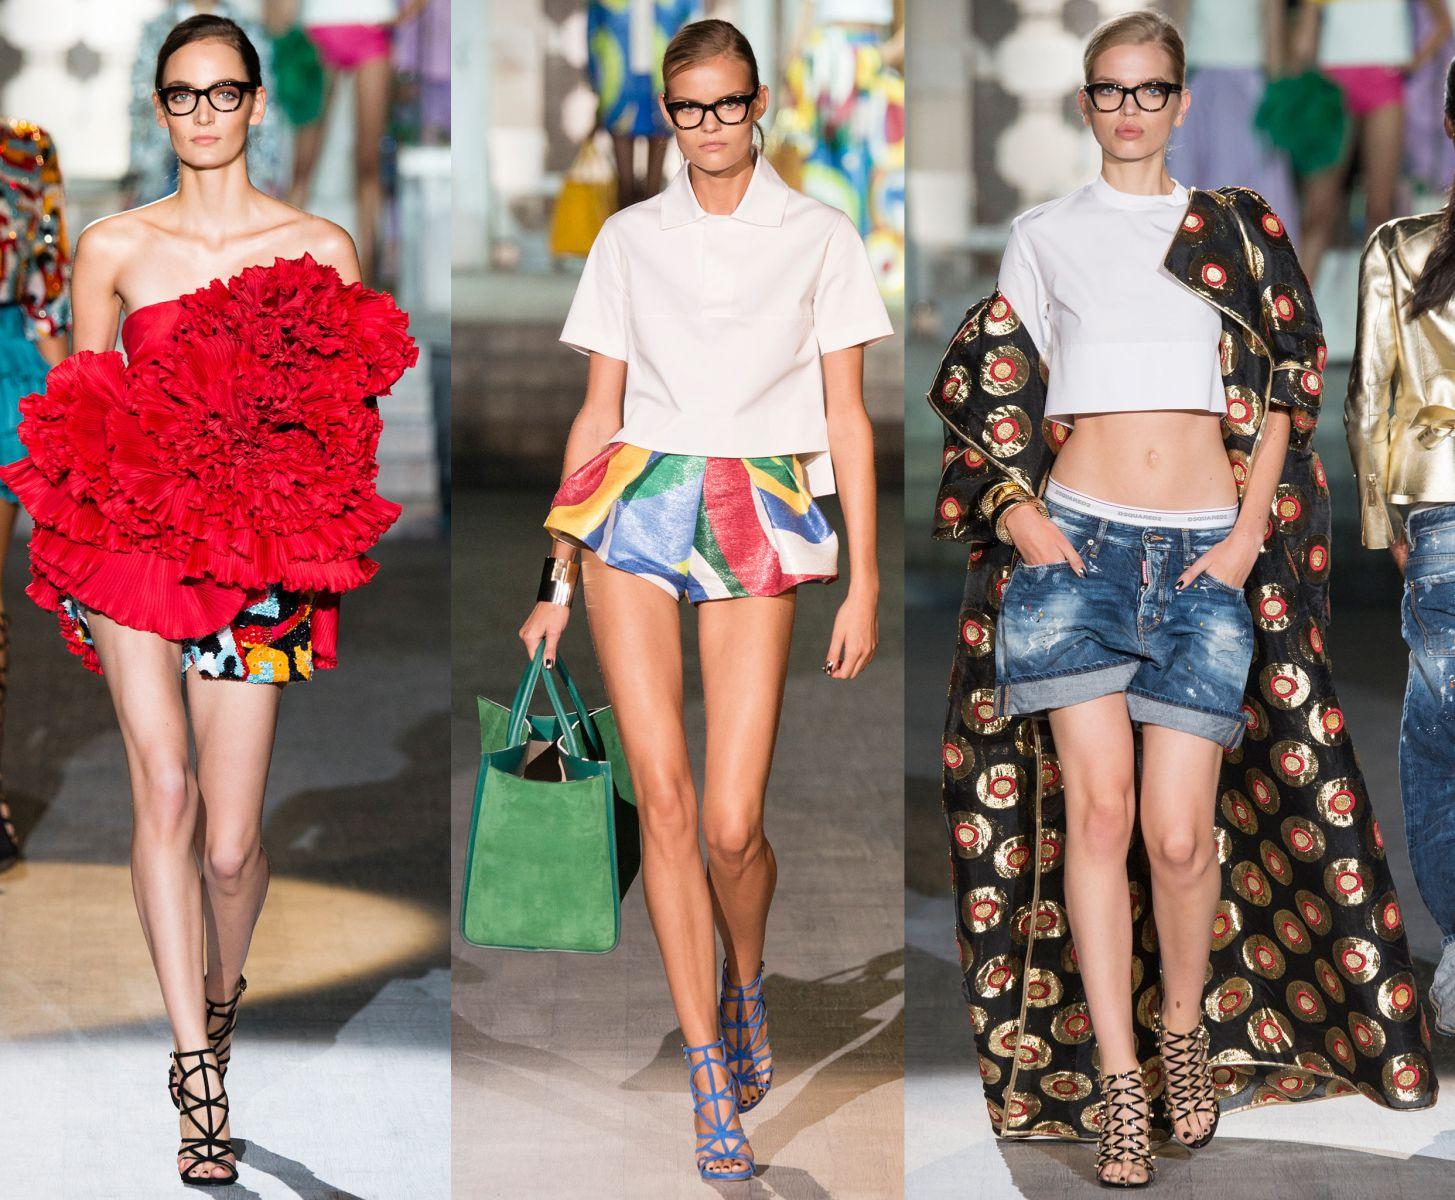 Неделя моды в Милане: Dsquared², весна-лето 2015 - фото №1